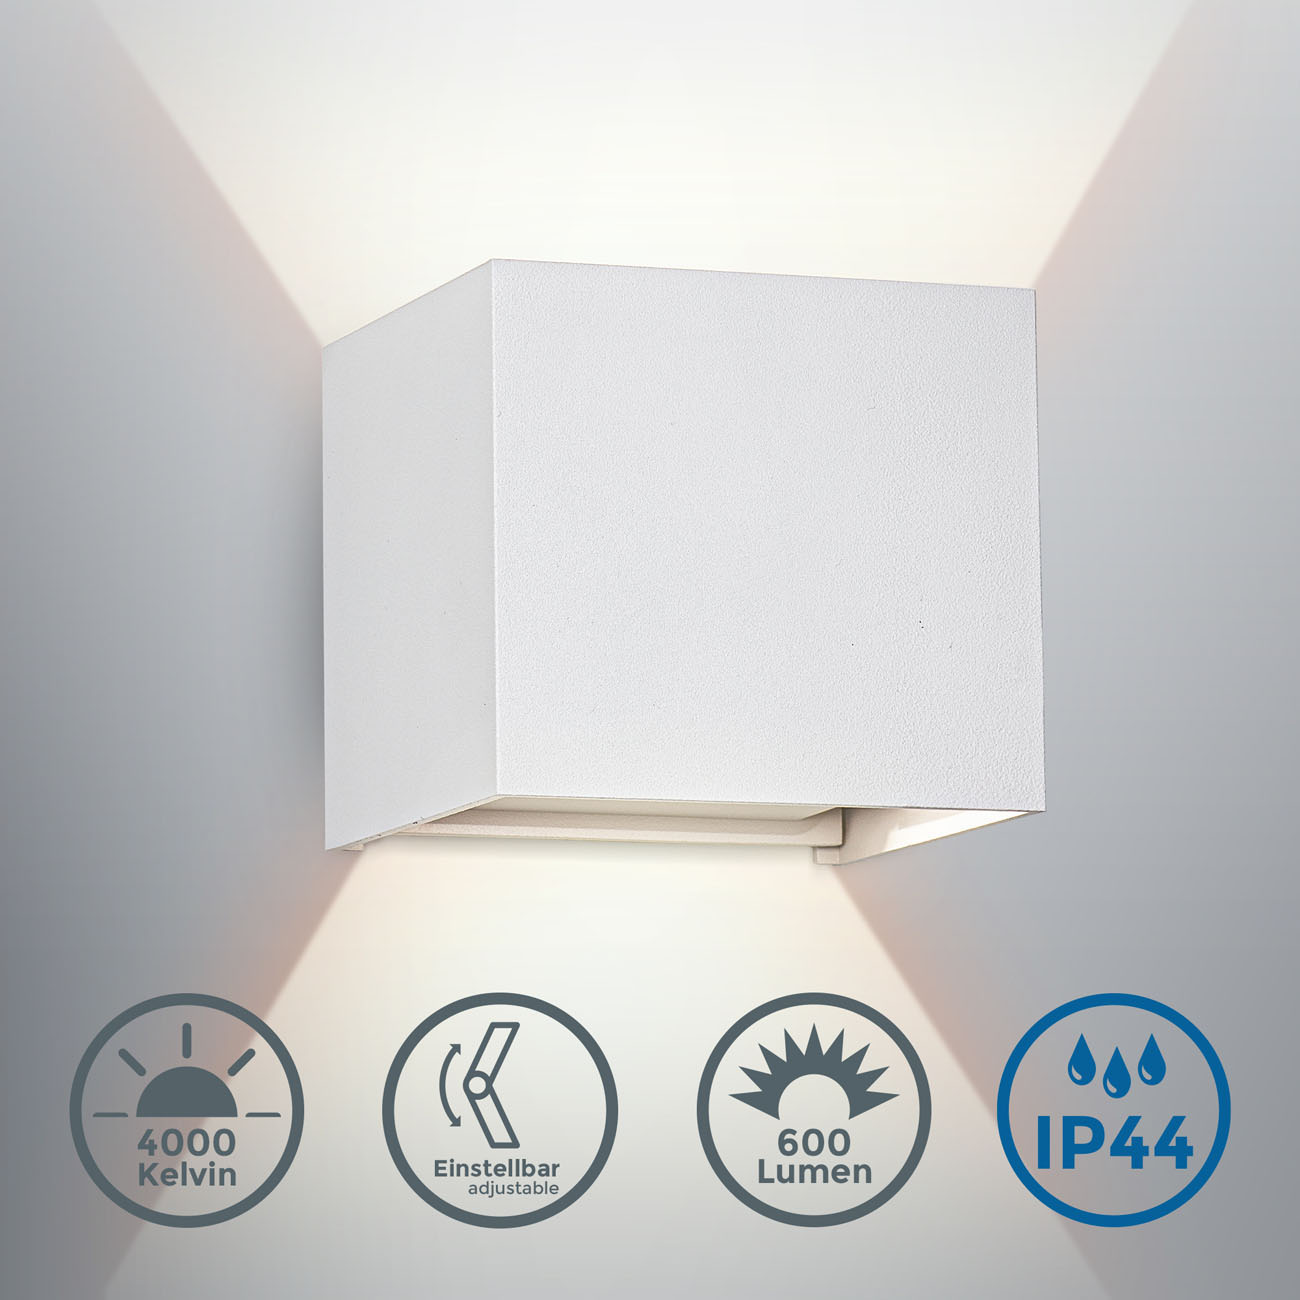 LED Wandleuchte Wandspot für Innen und Außen IP44 - 3